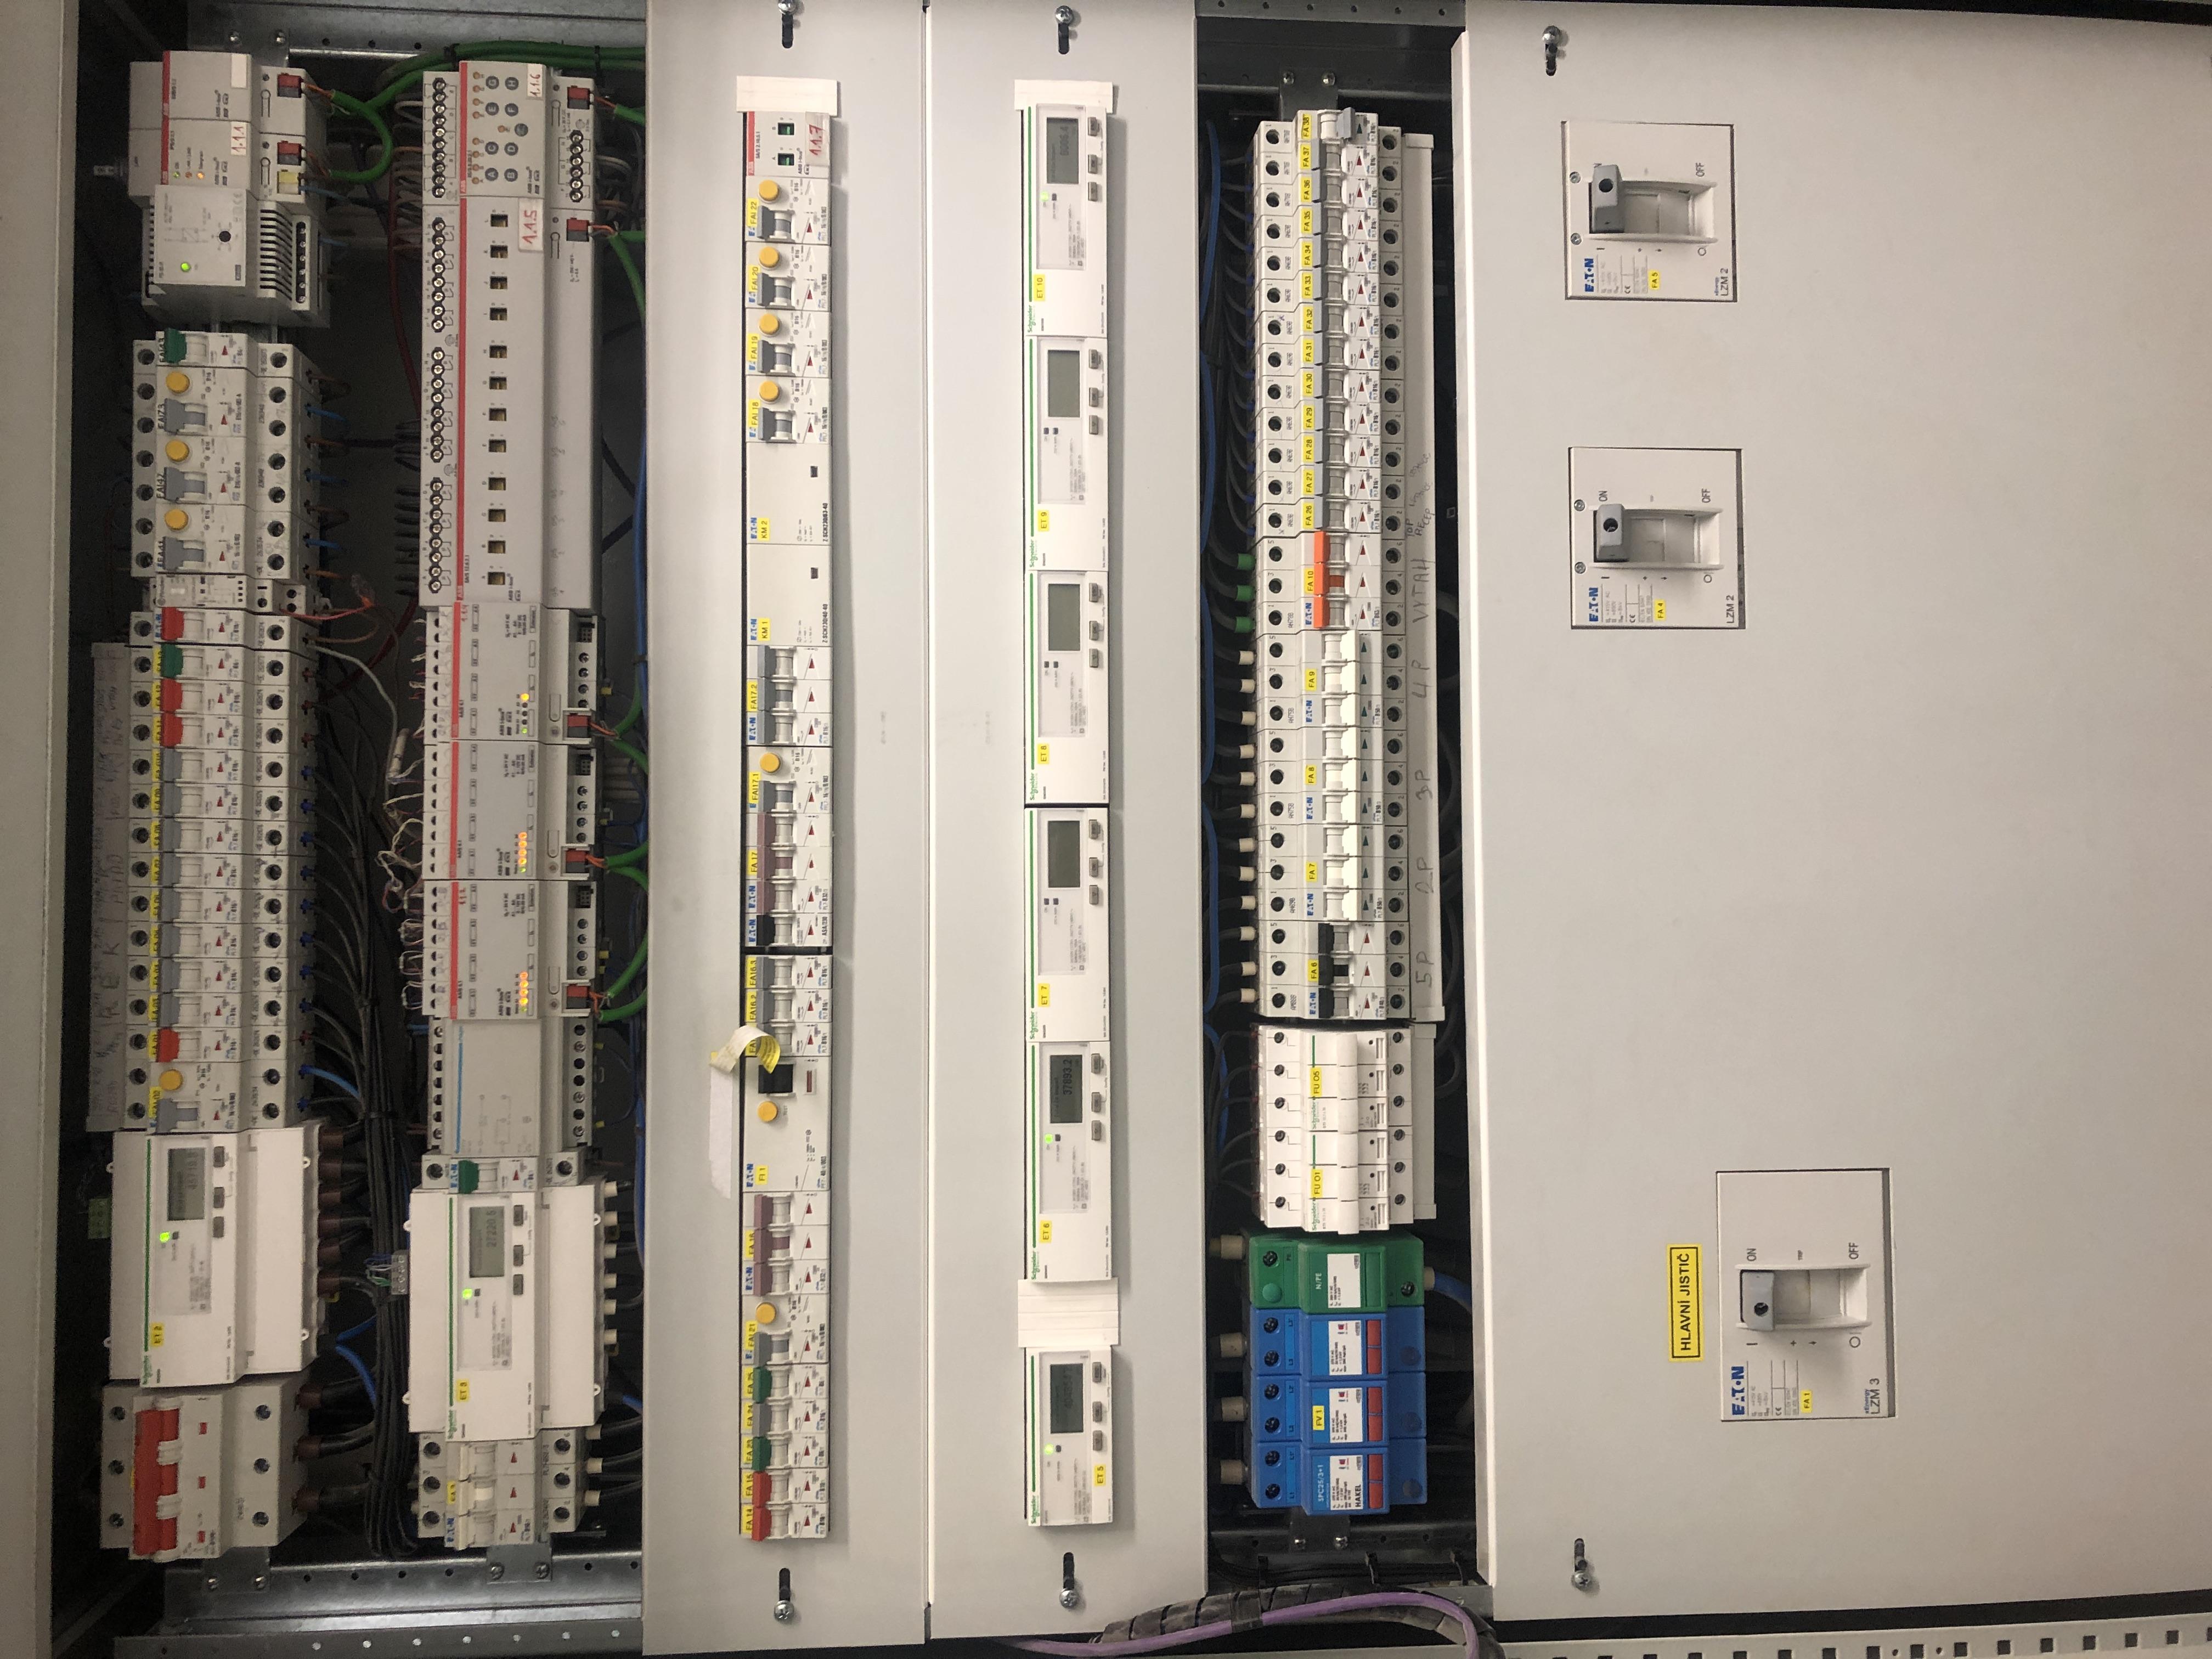 27CDC35E B2D1 4E75 9CB5 EA51C74F27D2